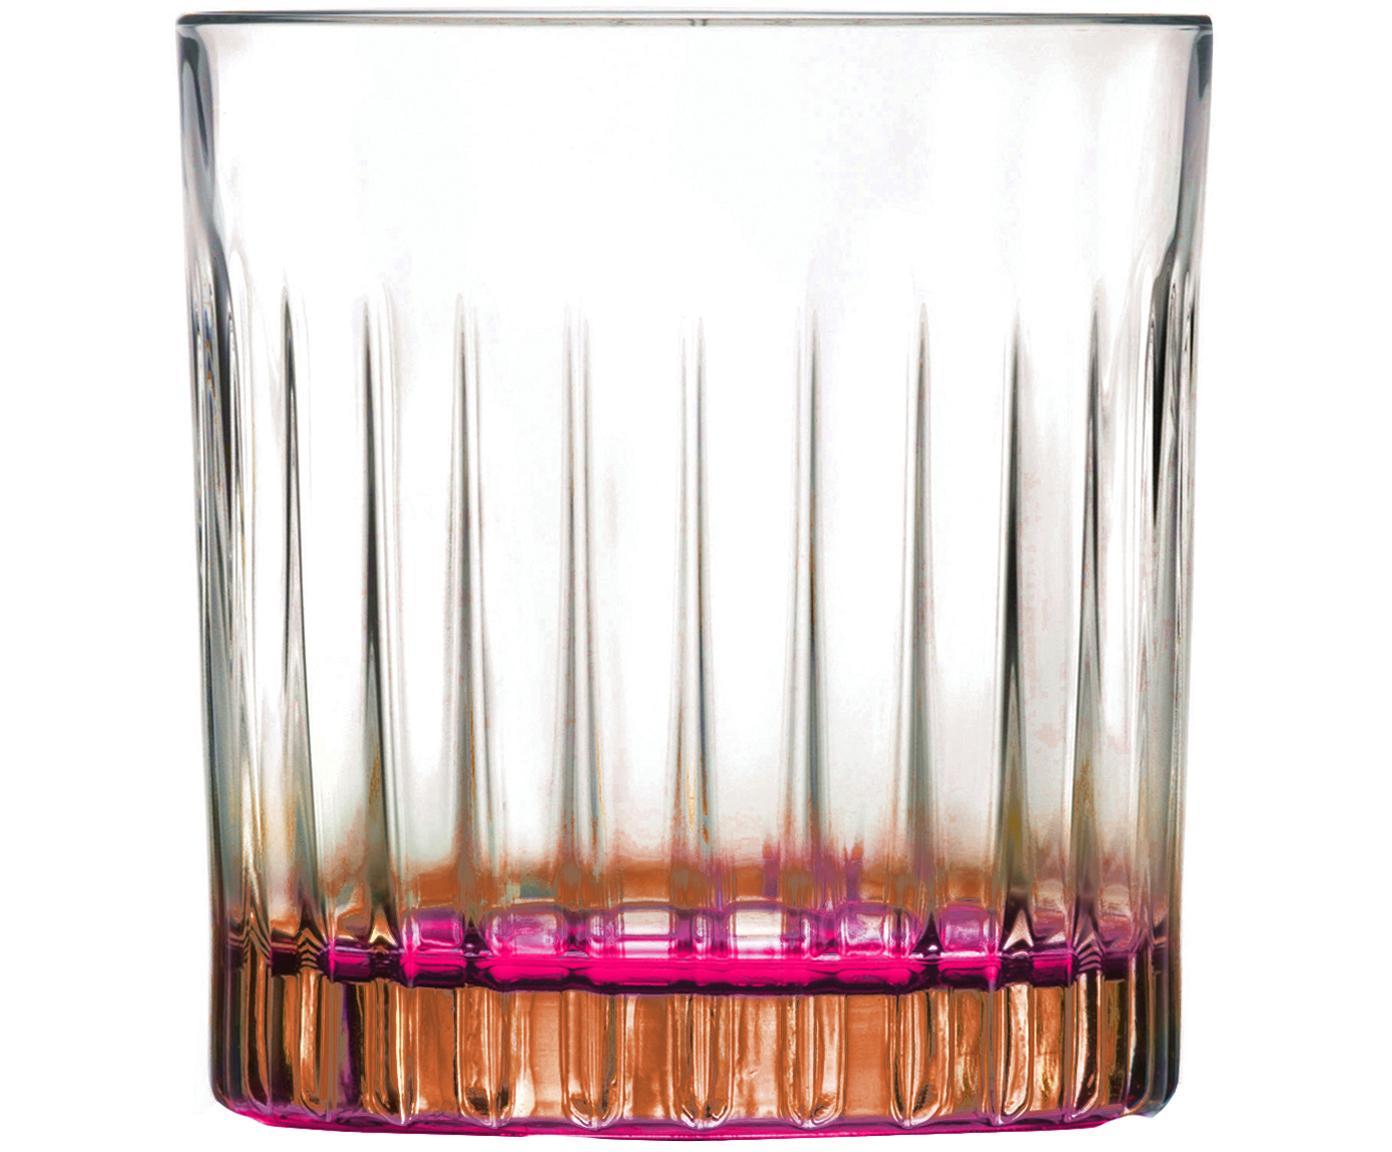 Vasos old fashioned de cristal Gipsy, 6uds., Cristal Luxion, Transparente, bronceado, rosa, Ø 8 x Al 9 cm